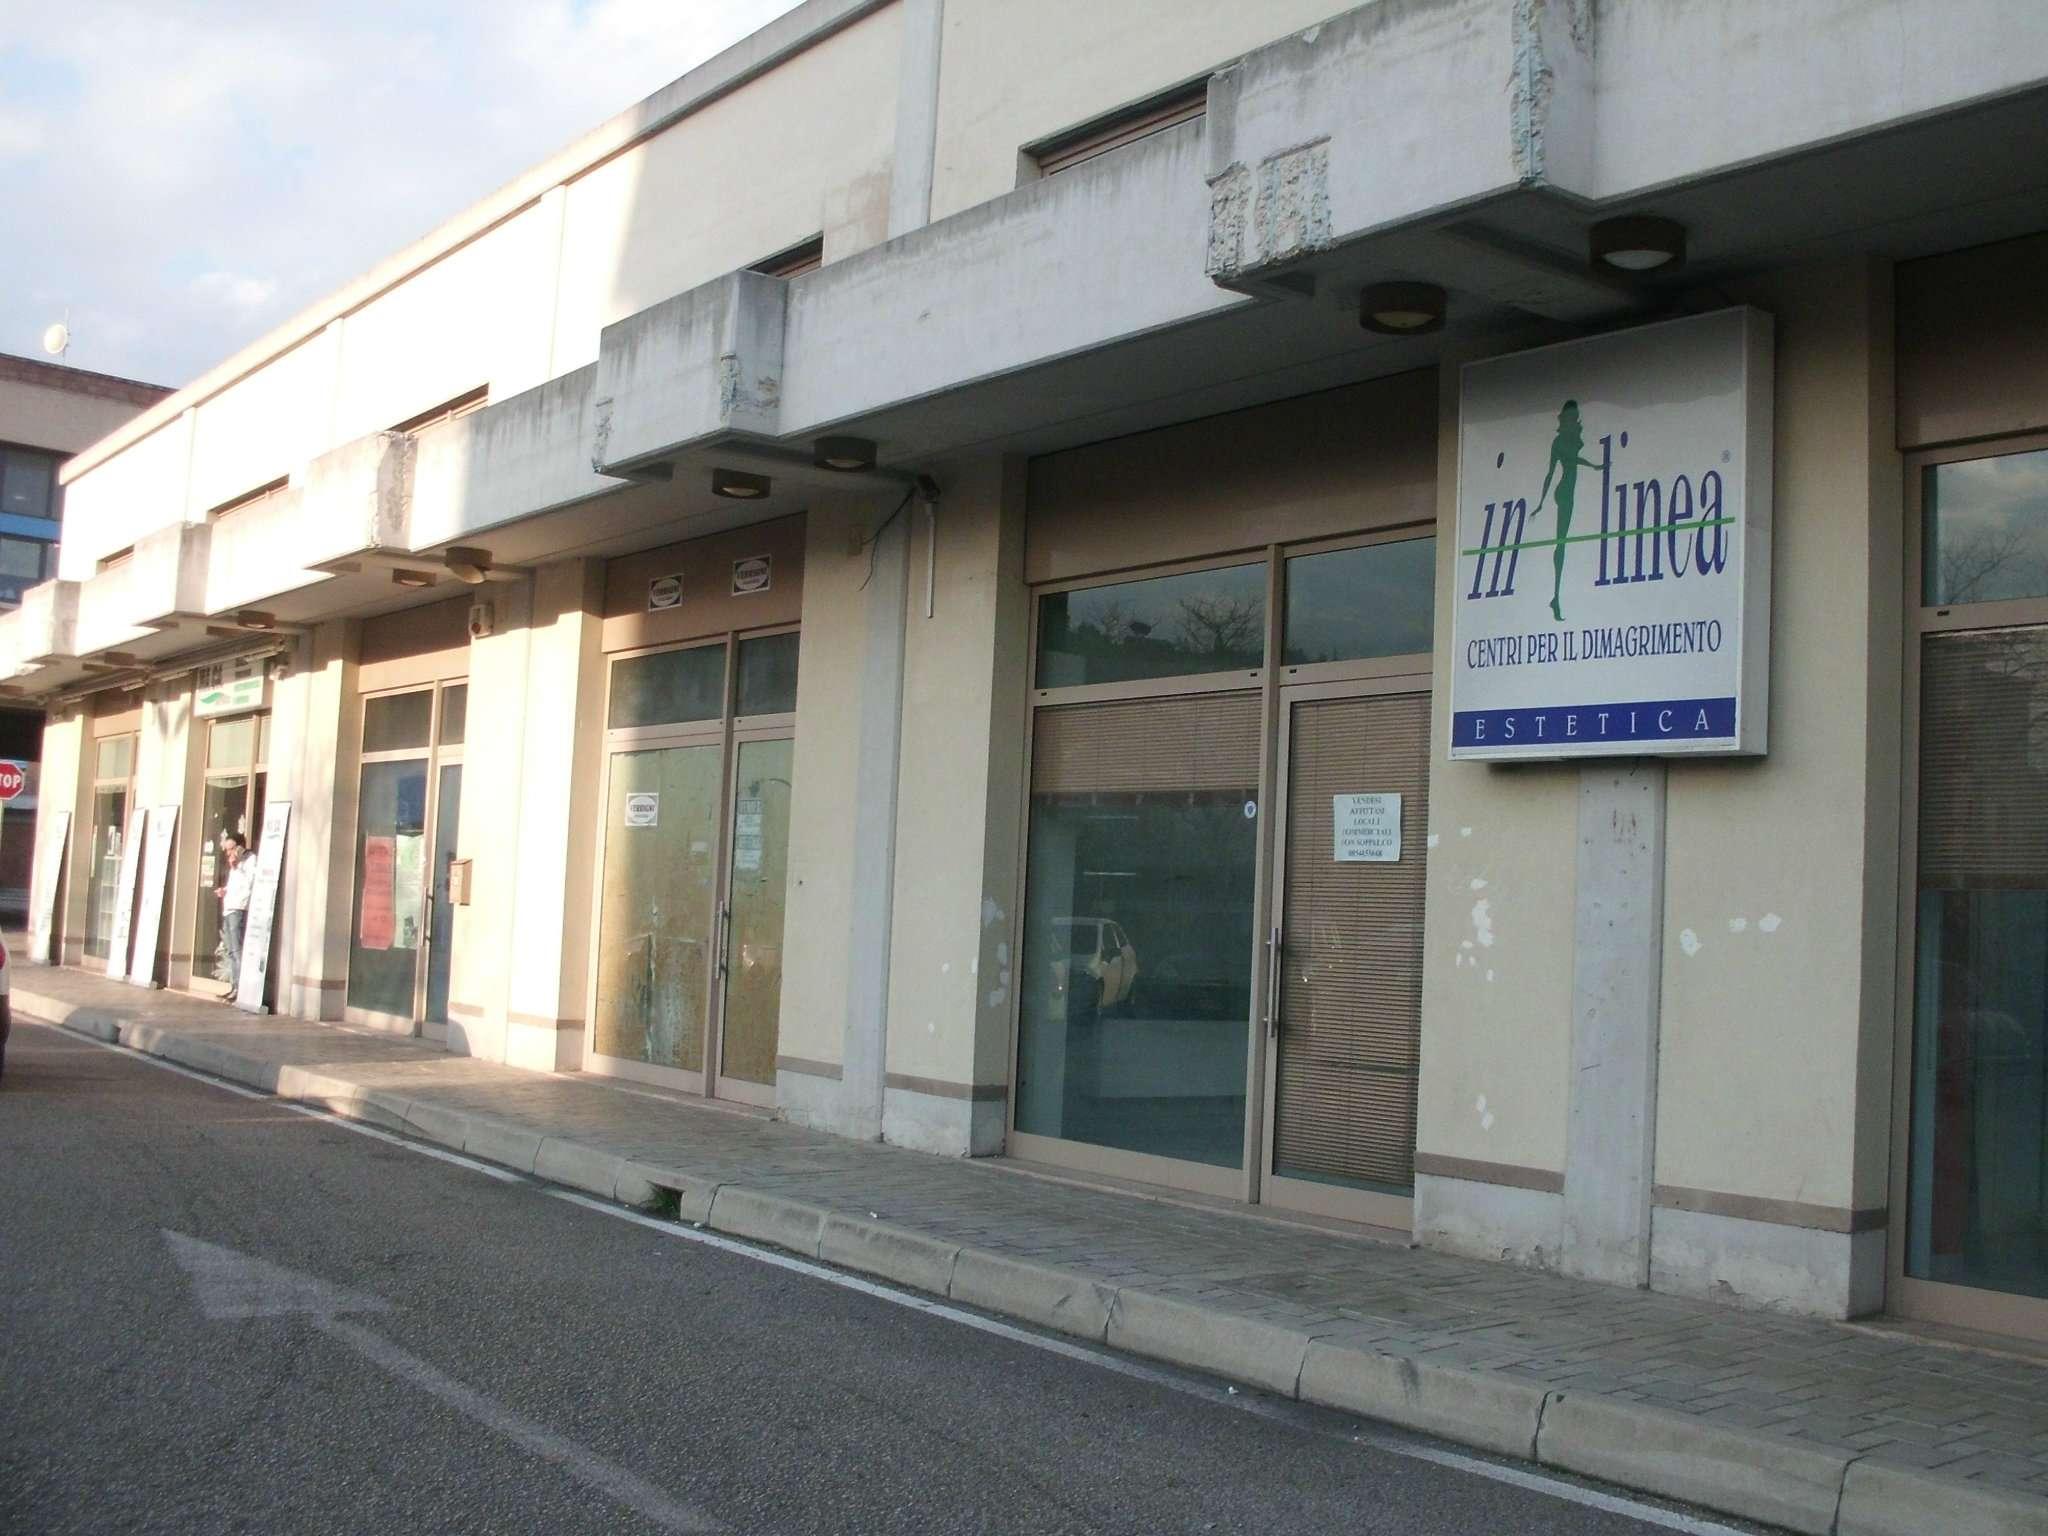 Negozio / Locale in affitto a Montesilvano, 5 locali, prezzo € 900 | Cambio Casa.it